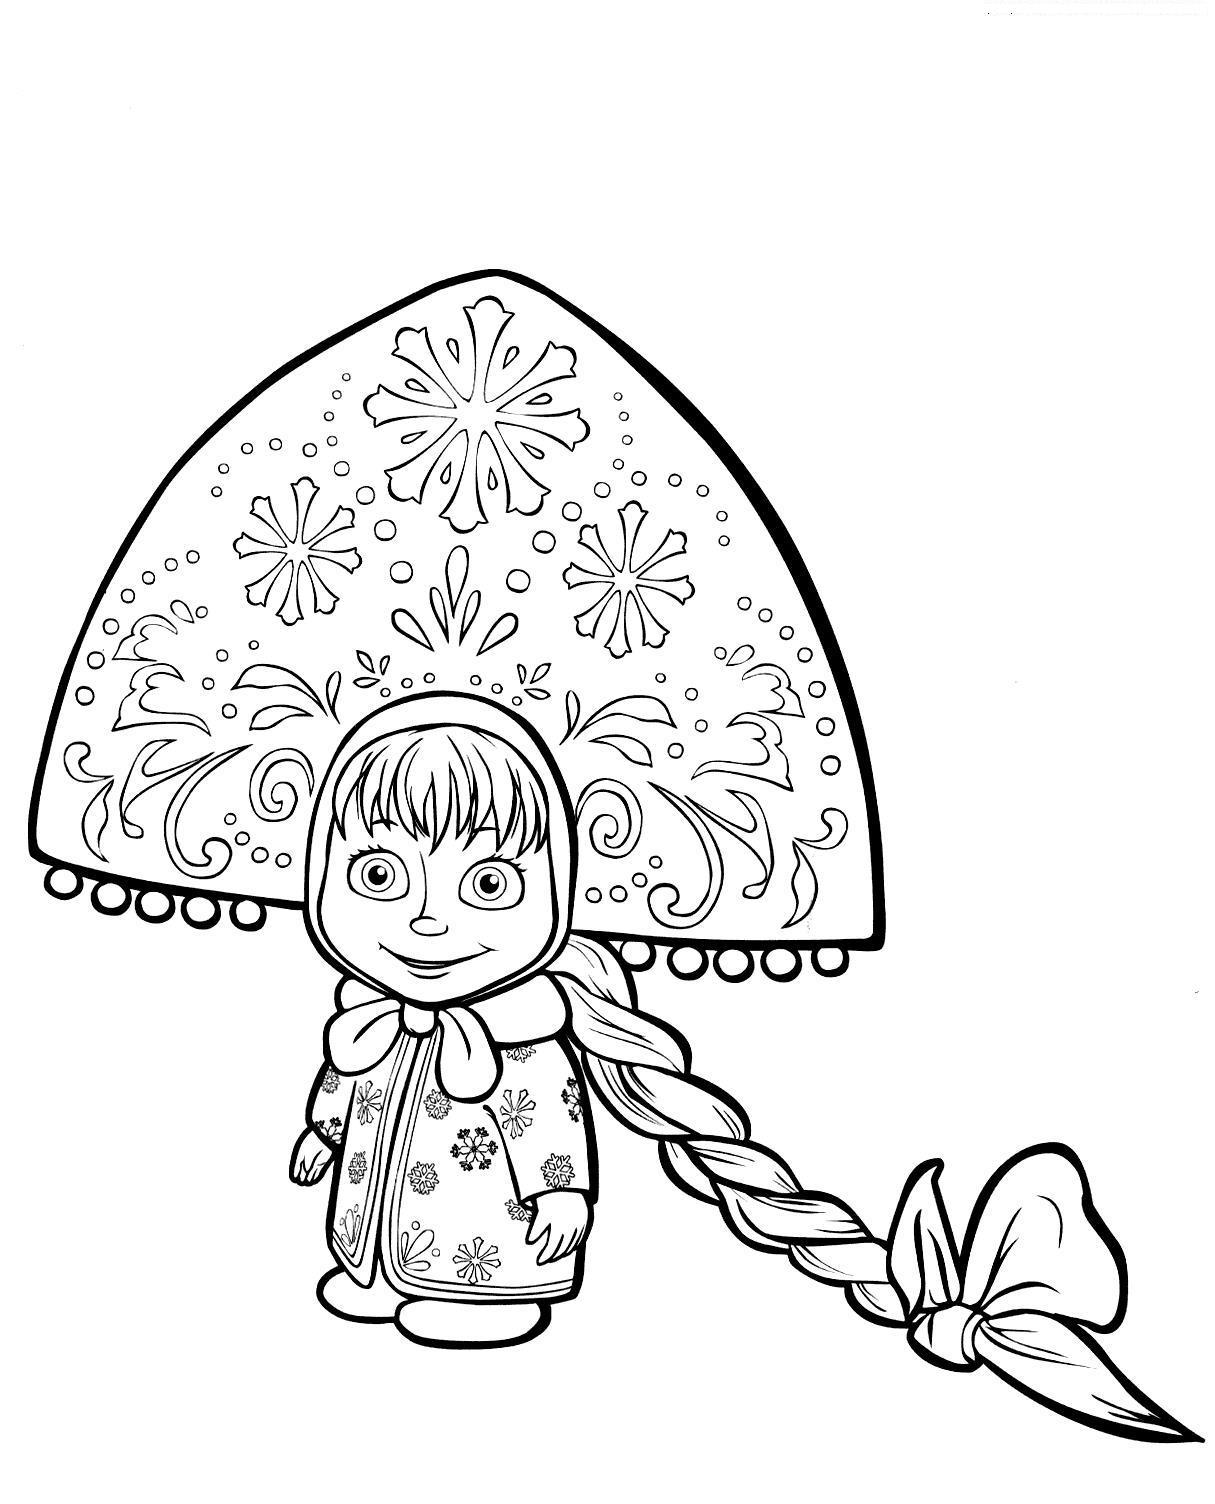 Маша в костюме снегурочки Раскраски зима скачать бесплатно